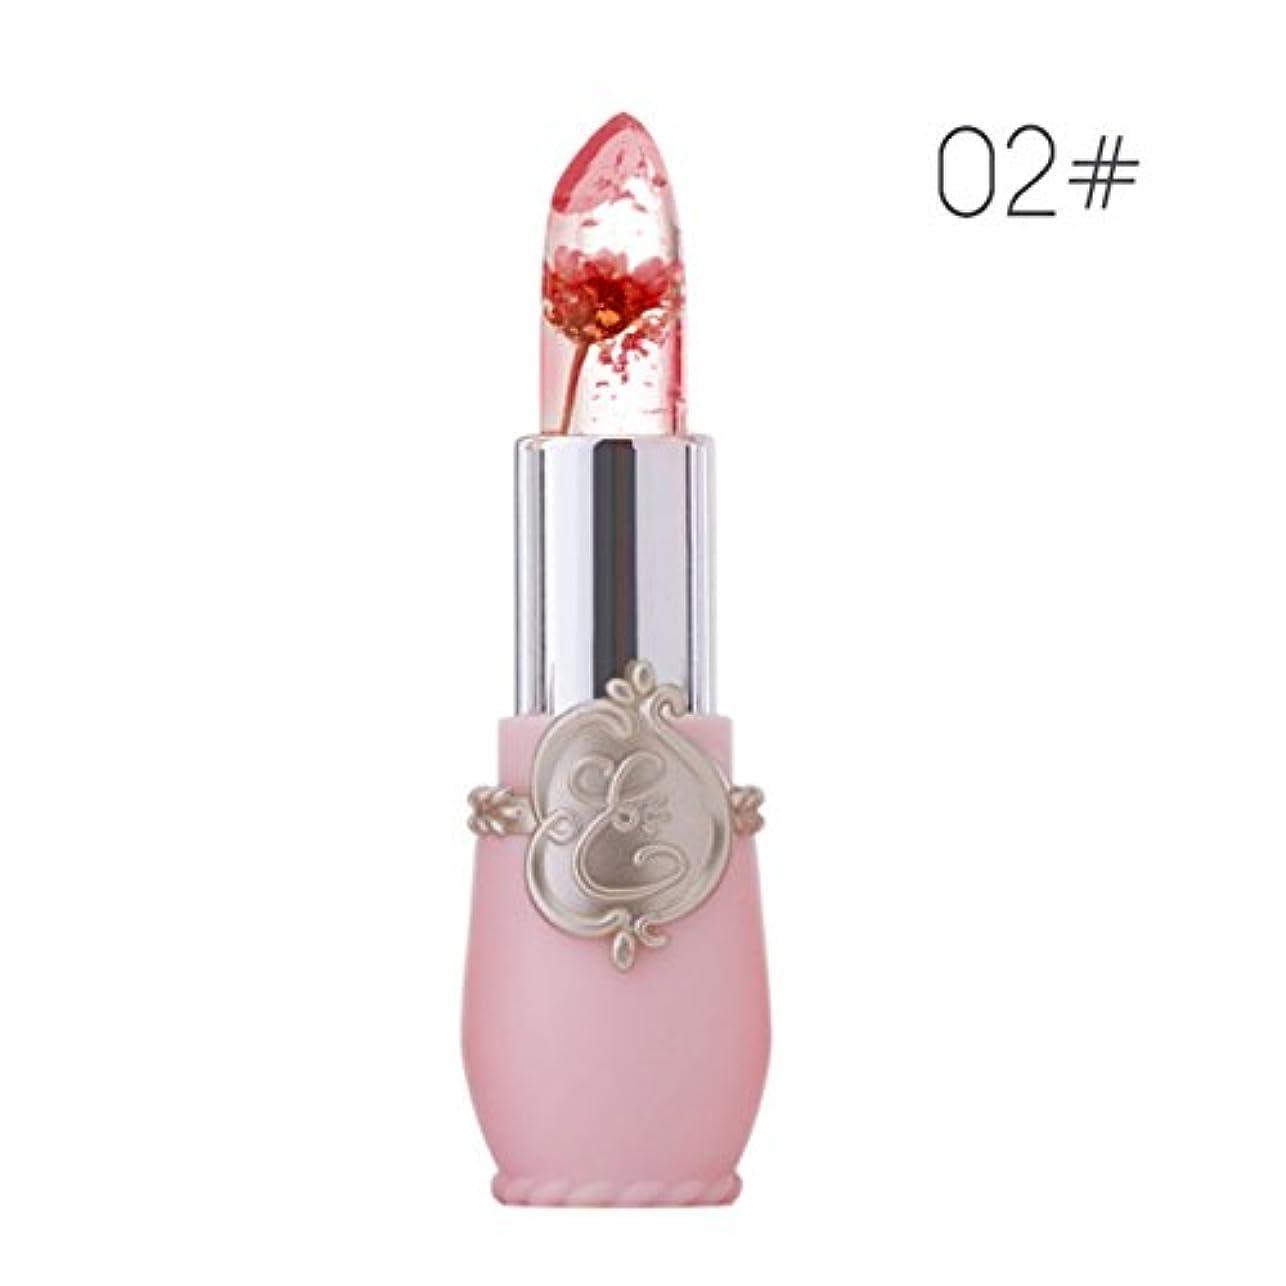 ペニーファンブルフリース口紅 BOBOGOJP お花 リップグロス かわいい オシャレ 唇の温度で色が変化するリップ 金箔付け 天然オイル入り 保湿 長持ち リップスティック 透明 リップベース 子供 大人 プレゼント (B)